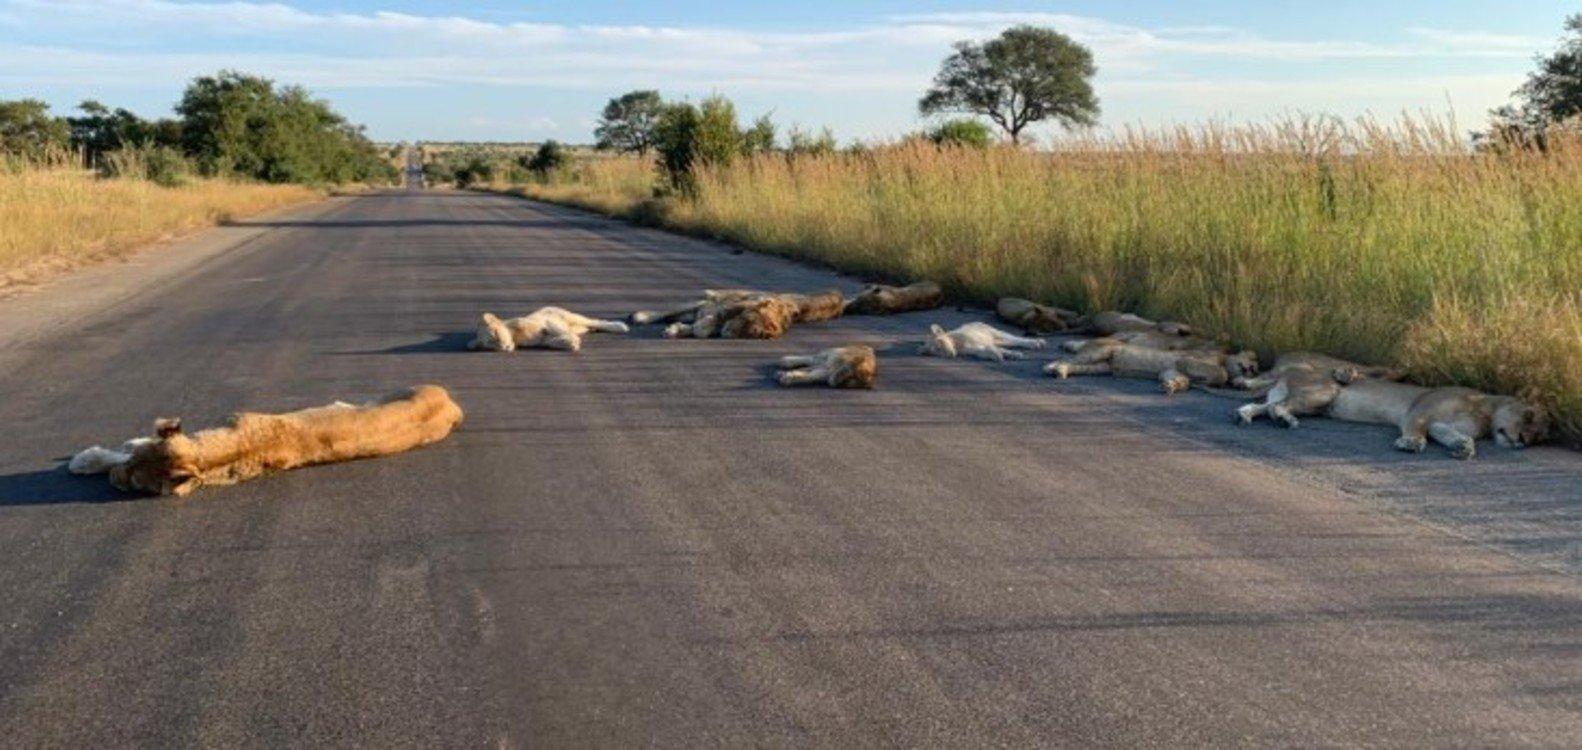 Cuarentena: las inusuales imágenes de leones que duermen la siesta en el asfalto en Sudáfrica